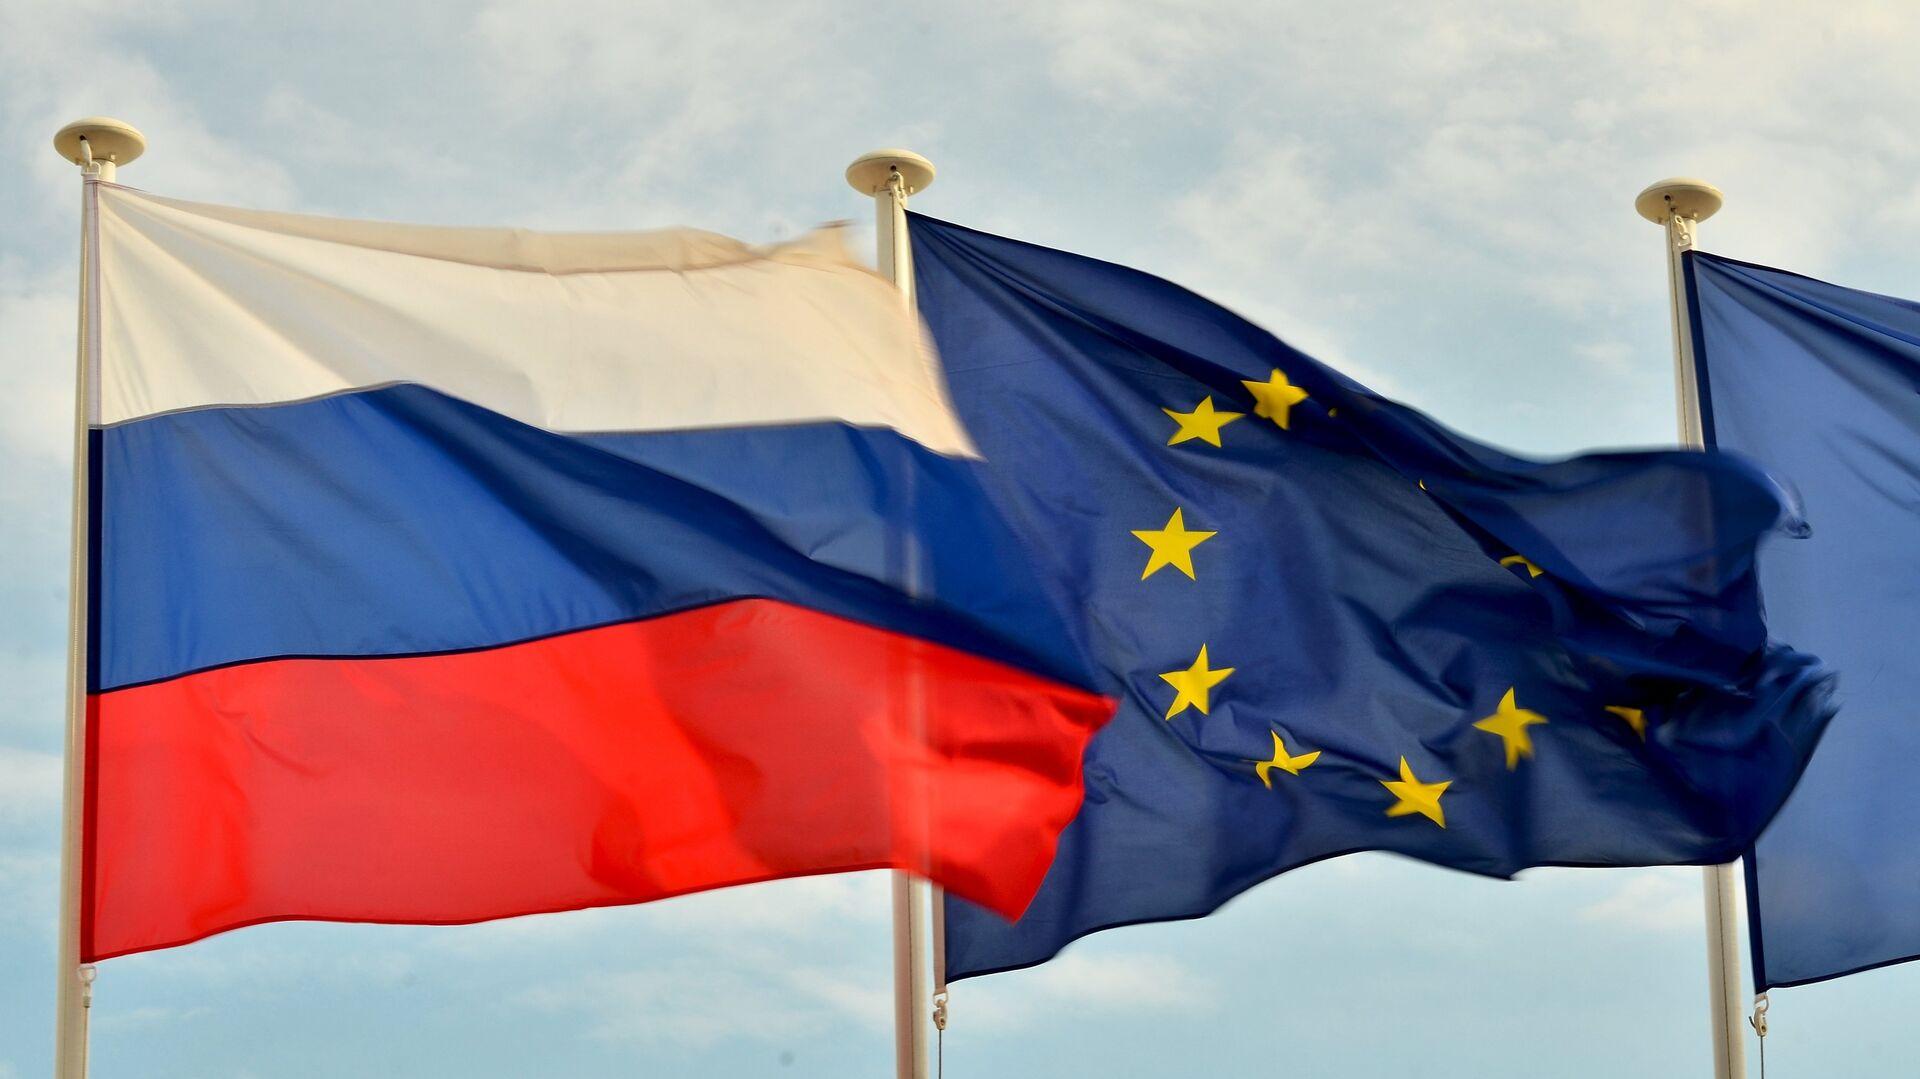 Bandiere della Russia, UE. - Sputnik Italia, 1920, 28.05.2021